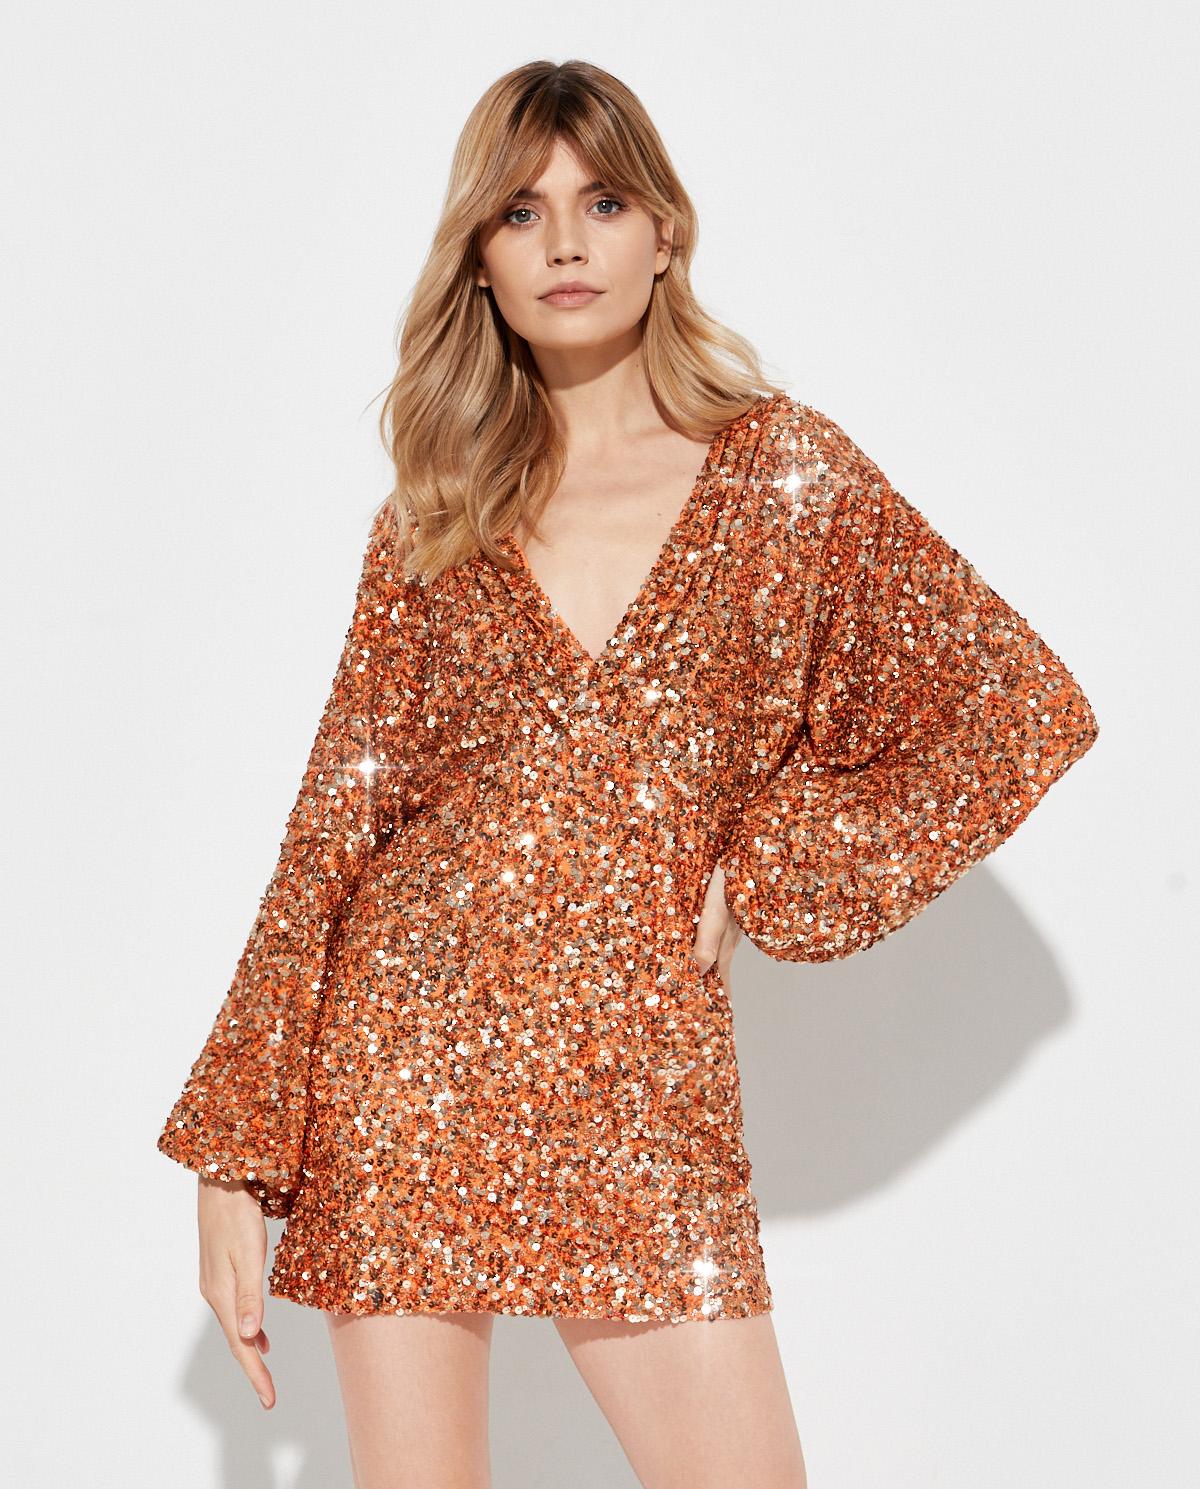 Pomarańczowa sukienka Aubrielle Retrofete SS20-2810 ORANGE